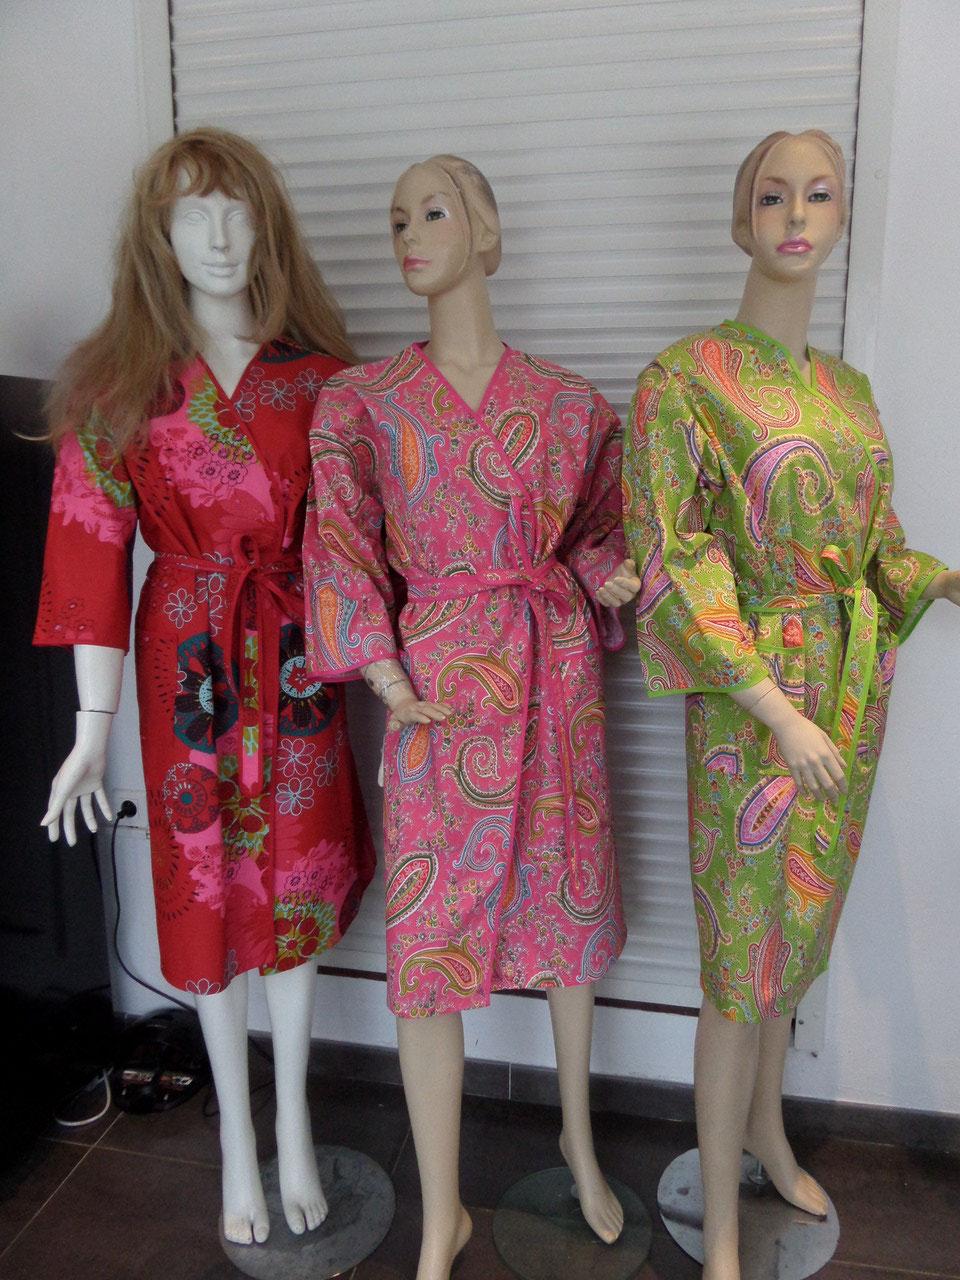 Robe de chambre peignoir site jimdo de tendance de provence - Robe de chambre d ete femme ...